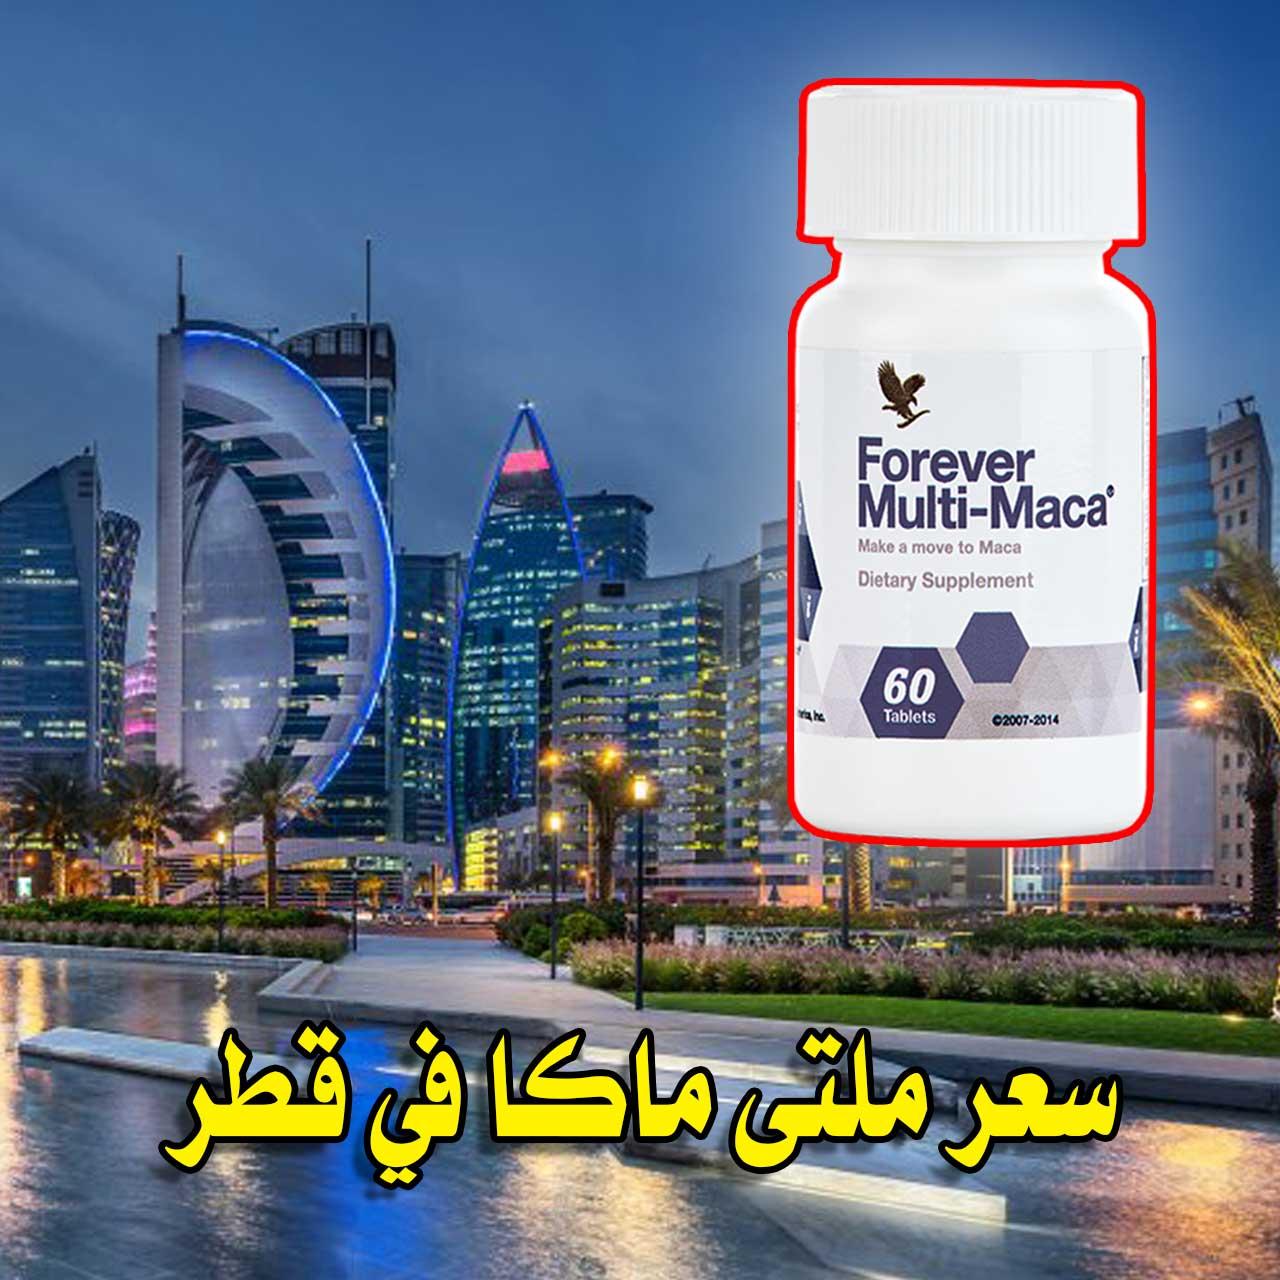 سعر ملتي ماكا في قطر